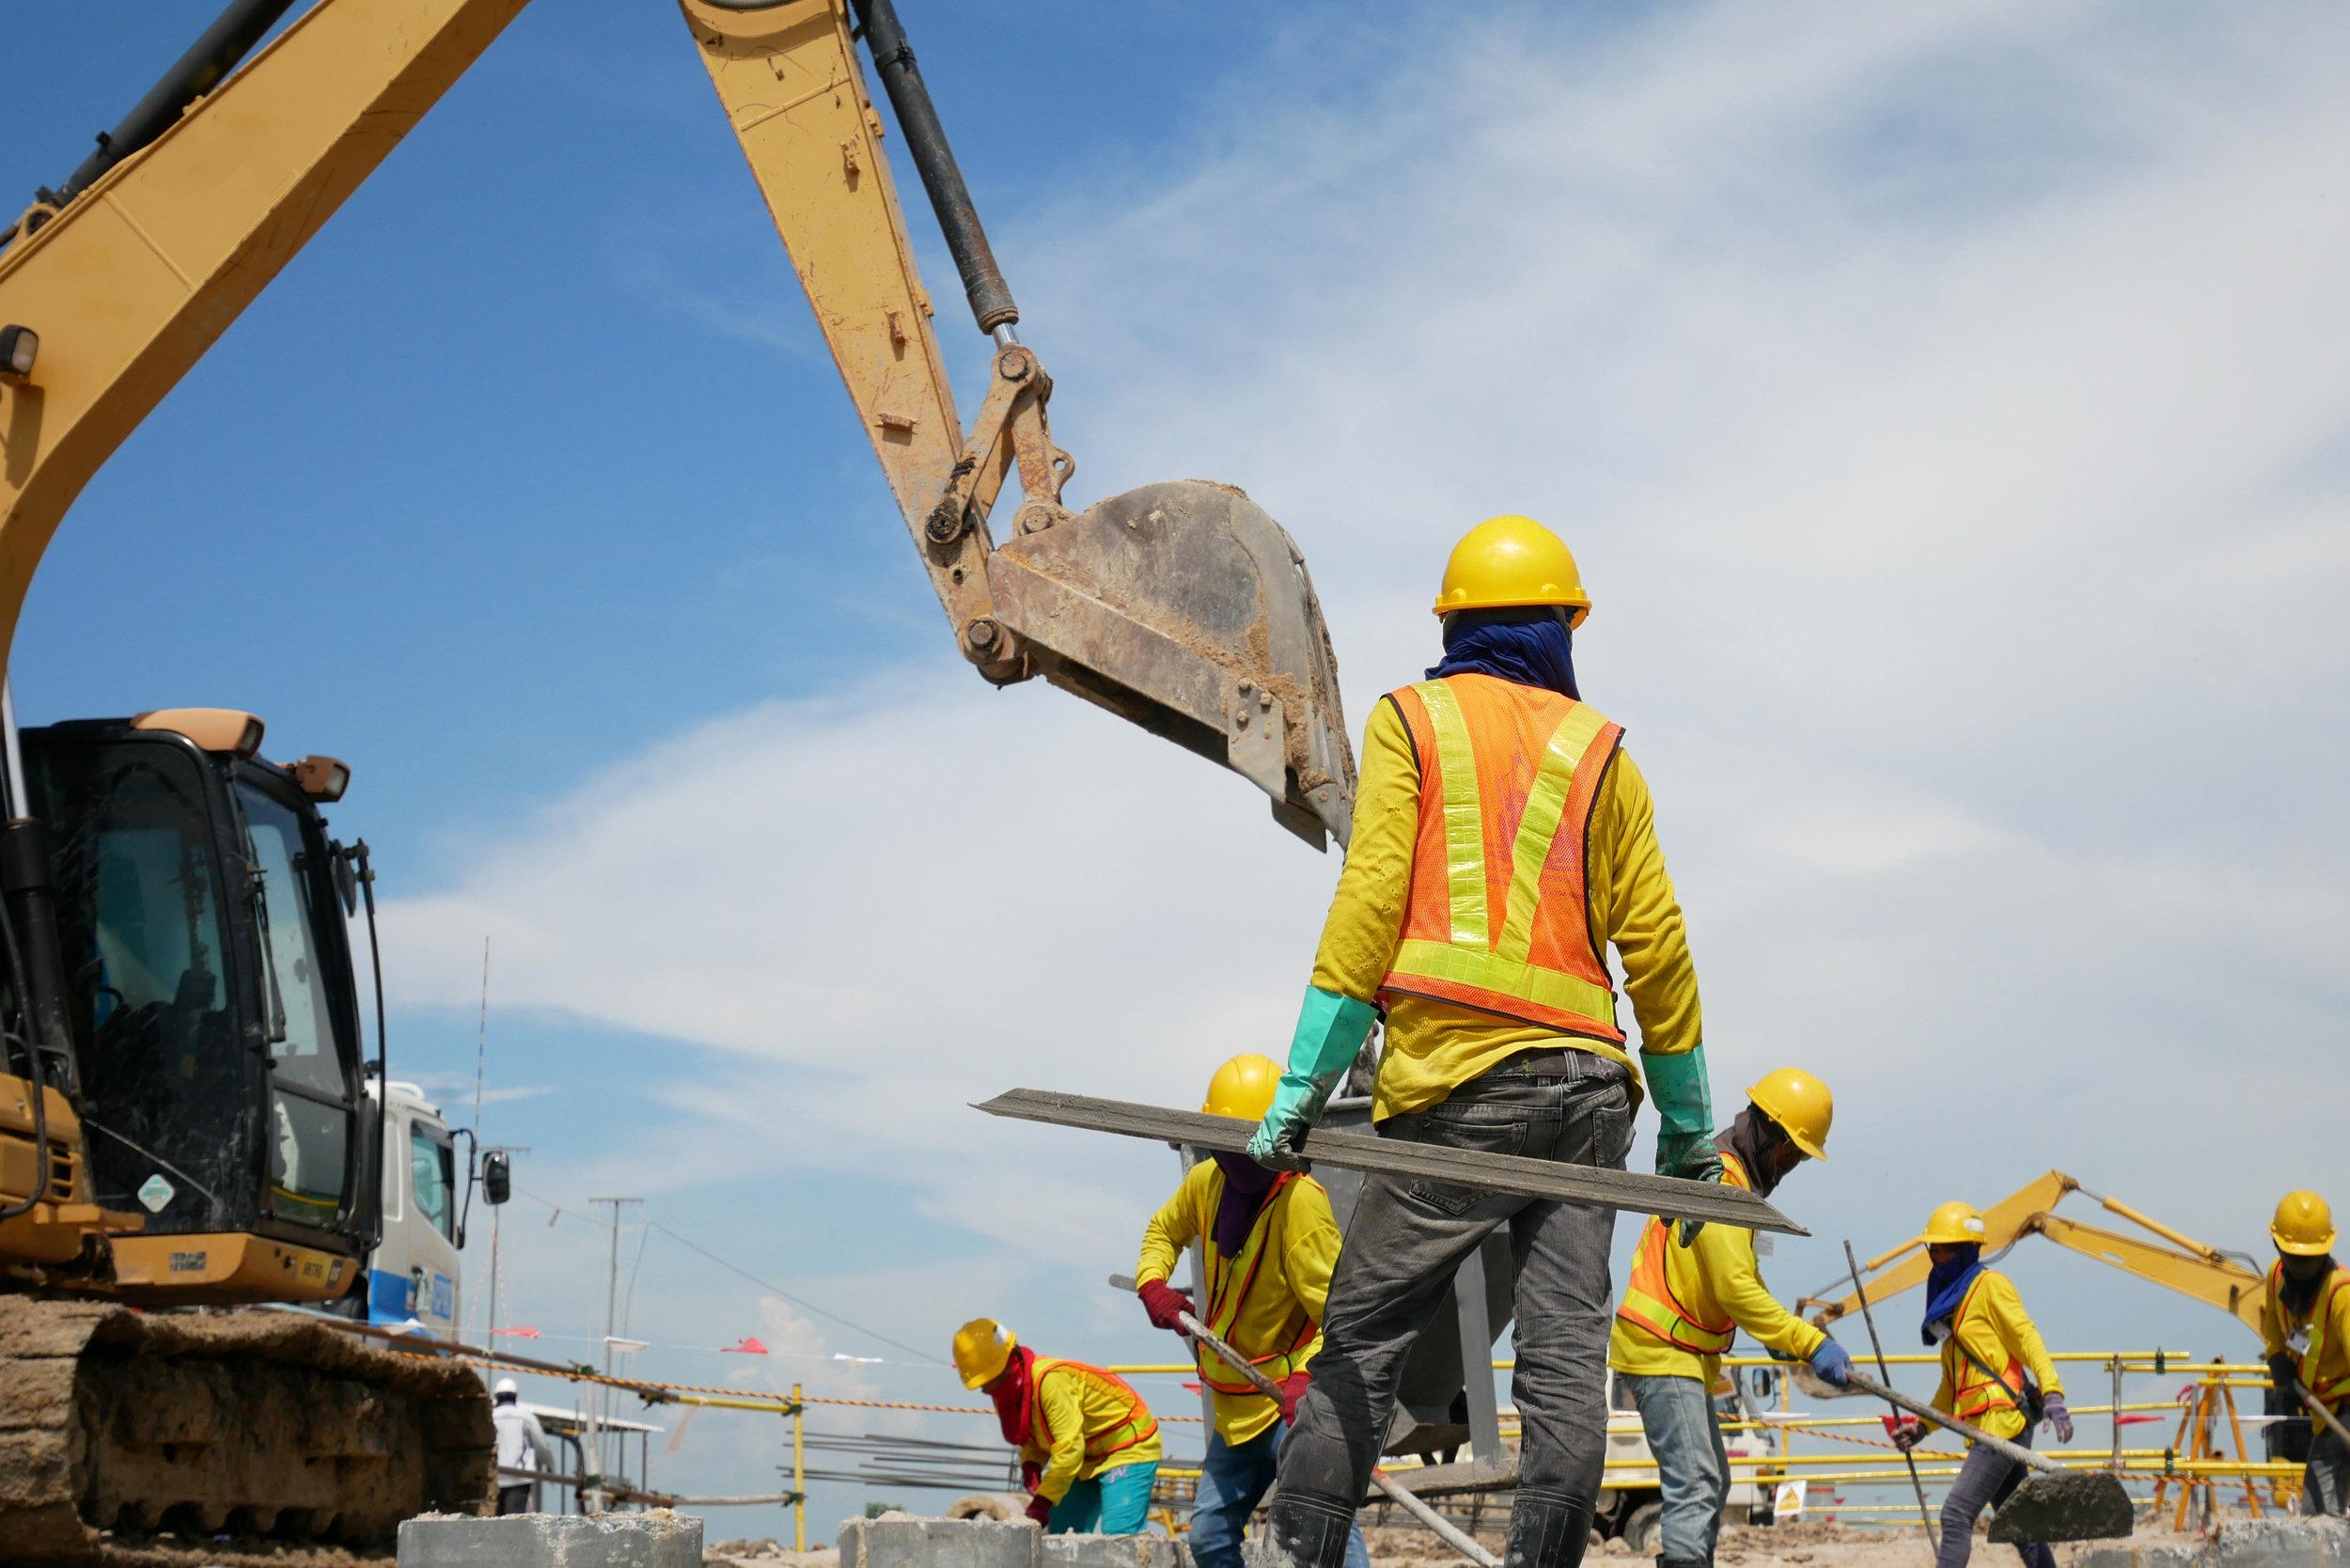 Personal Injury, Workers Compensation - Accidentes, Remuneracion de los Trabajadores